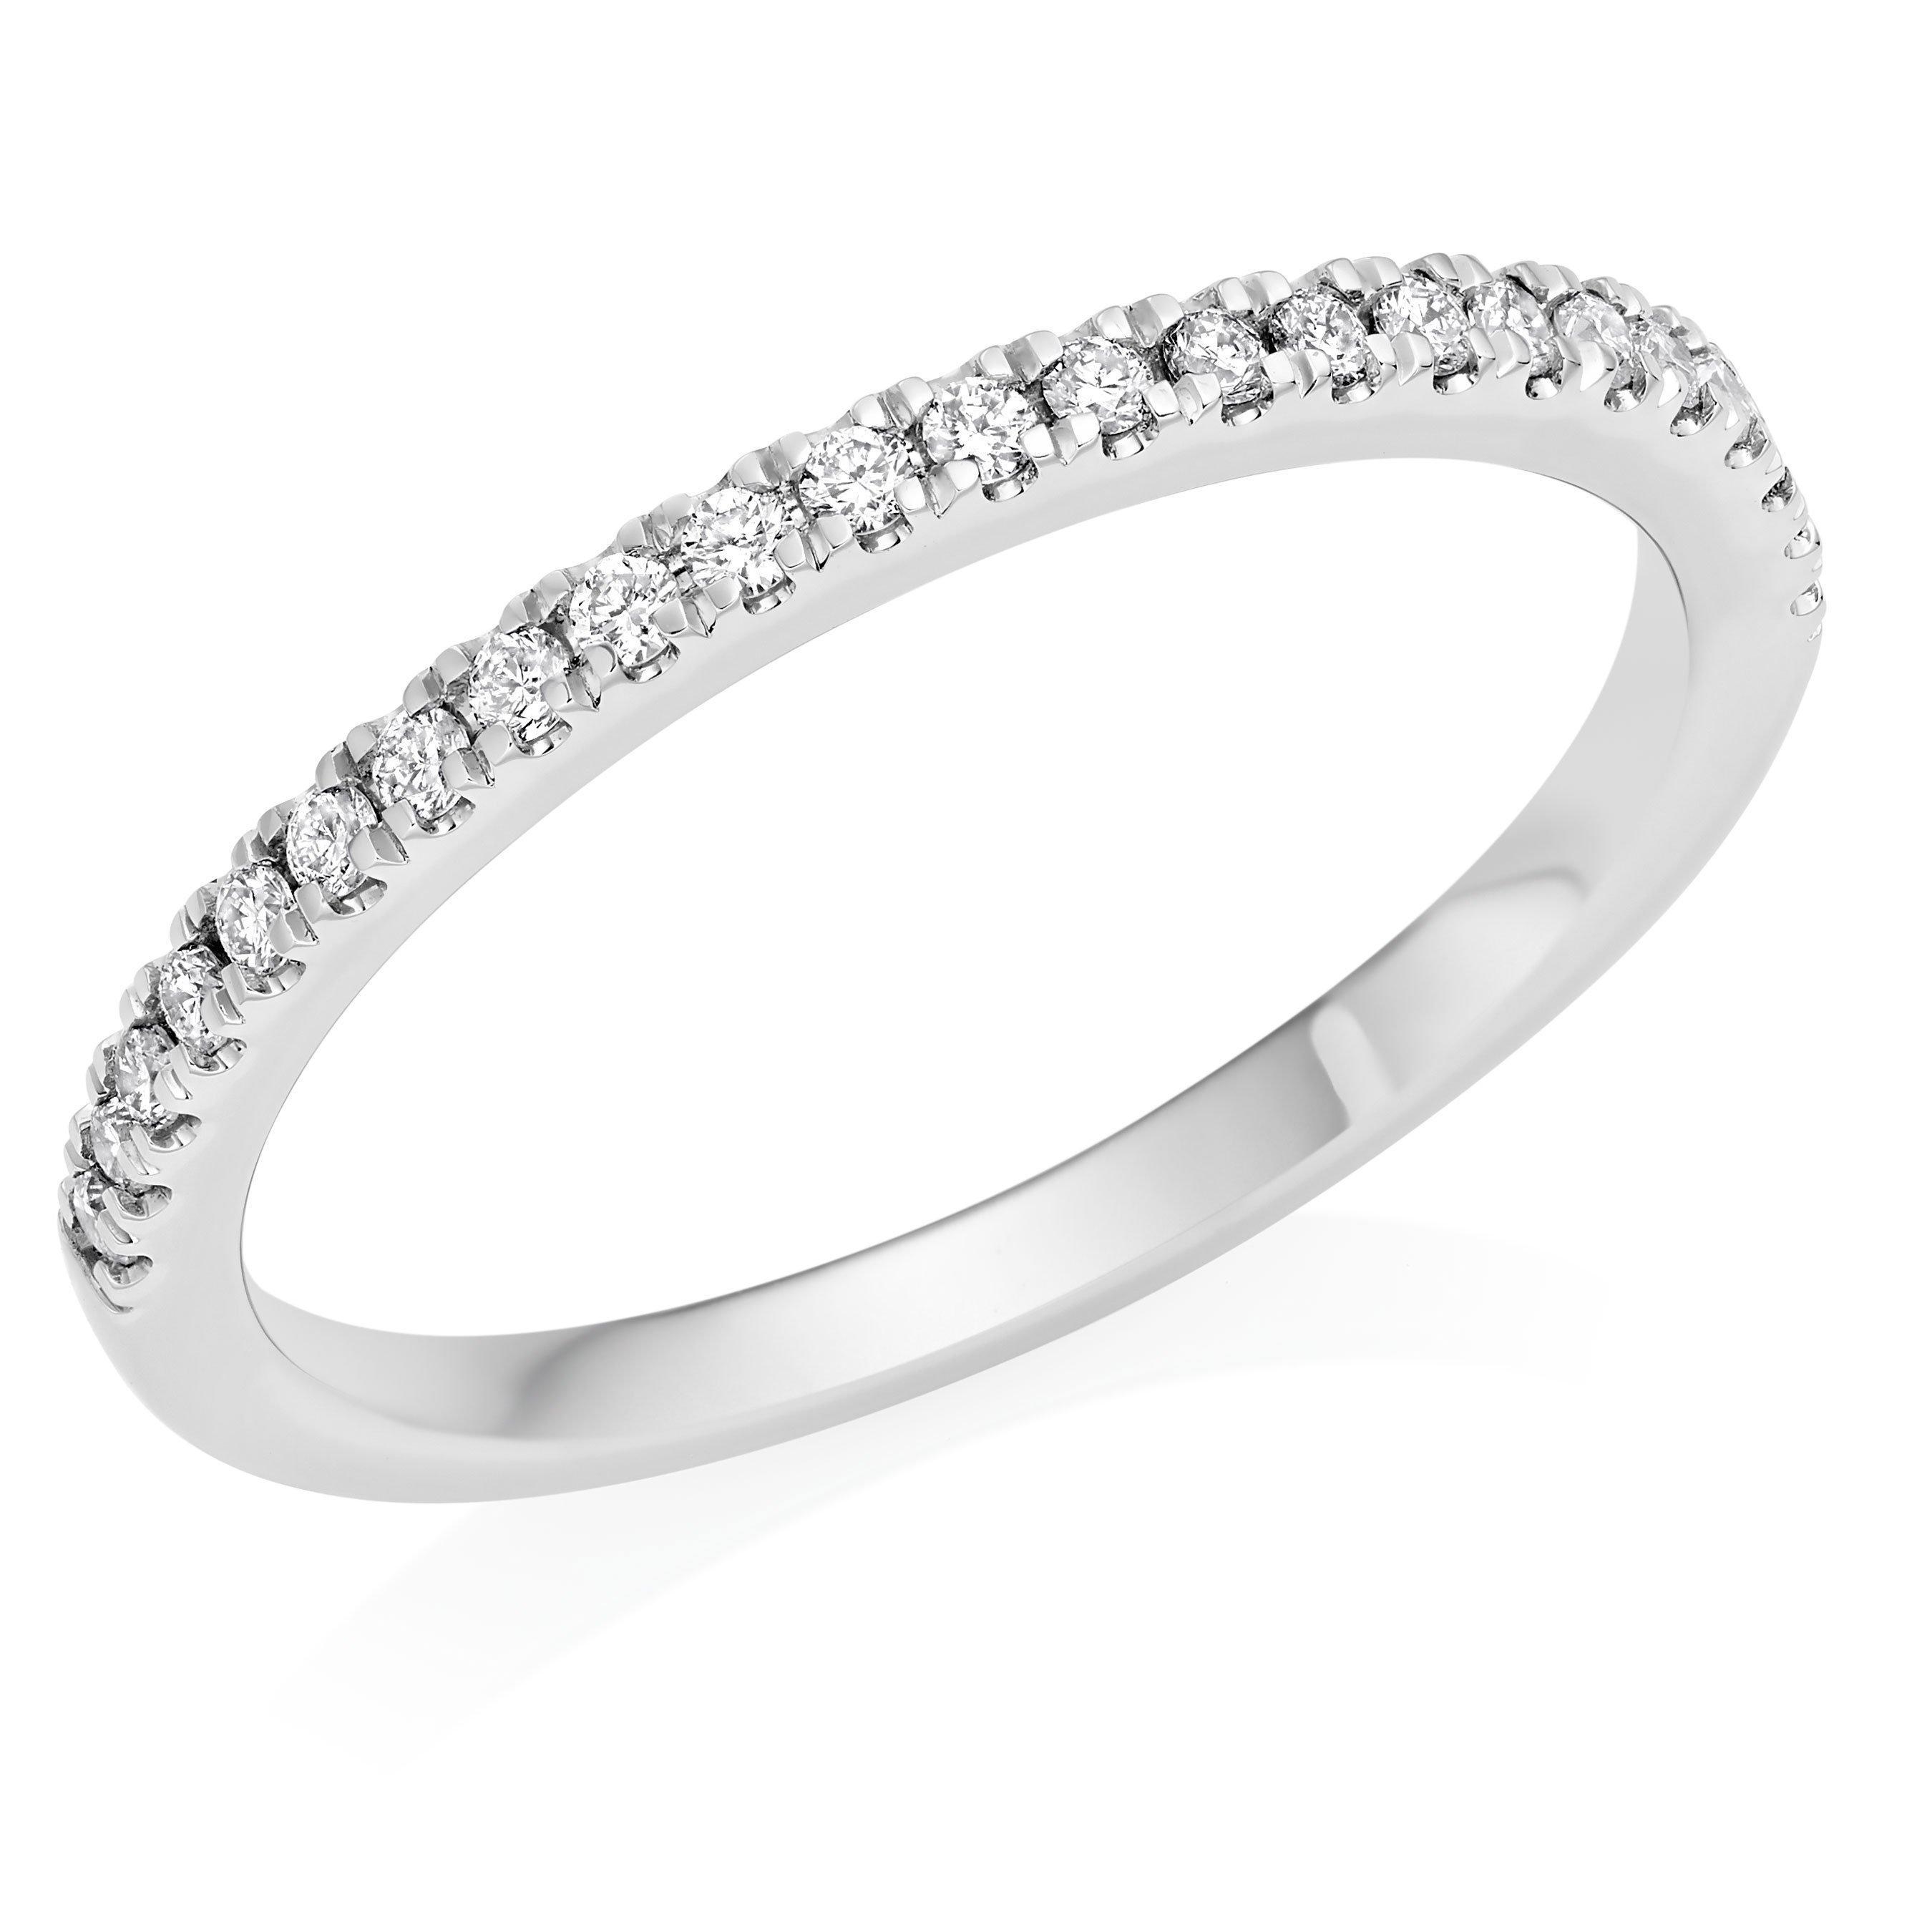 Royal Asscher AnnePlatinum Diamond Wedding Ring